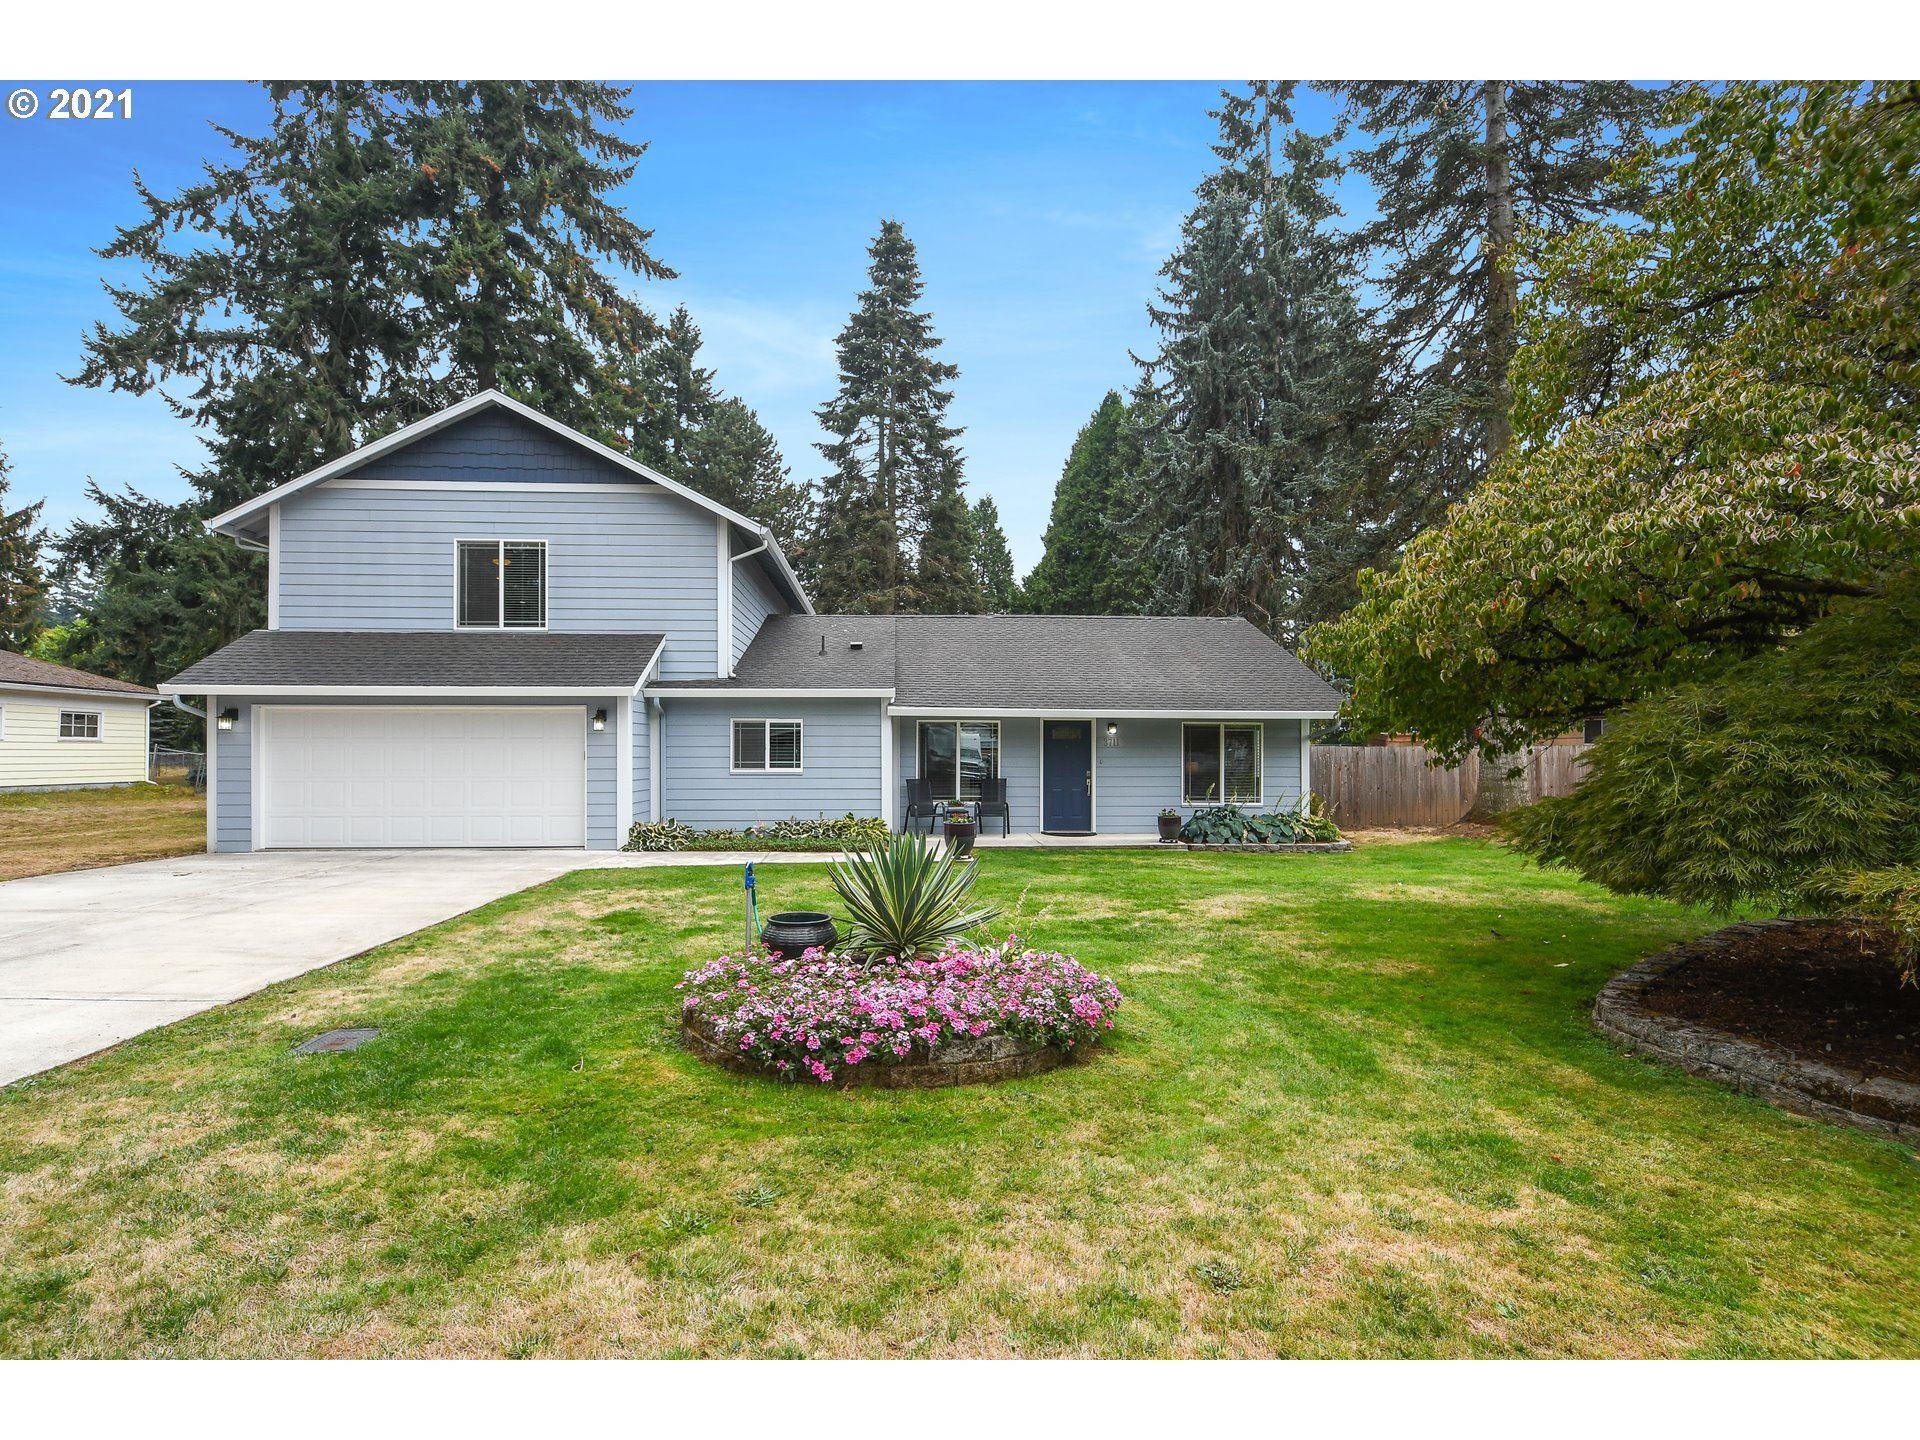 3711 NE 65TH ST, Vancouver, WA 98661 - MLS#: 21517037